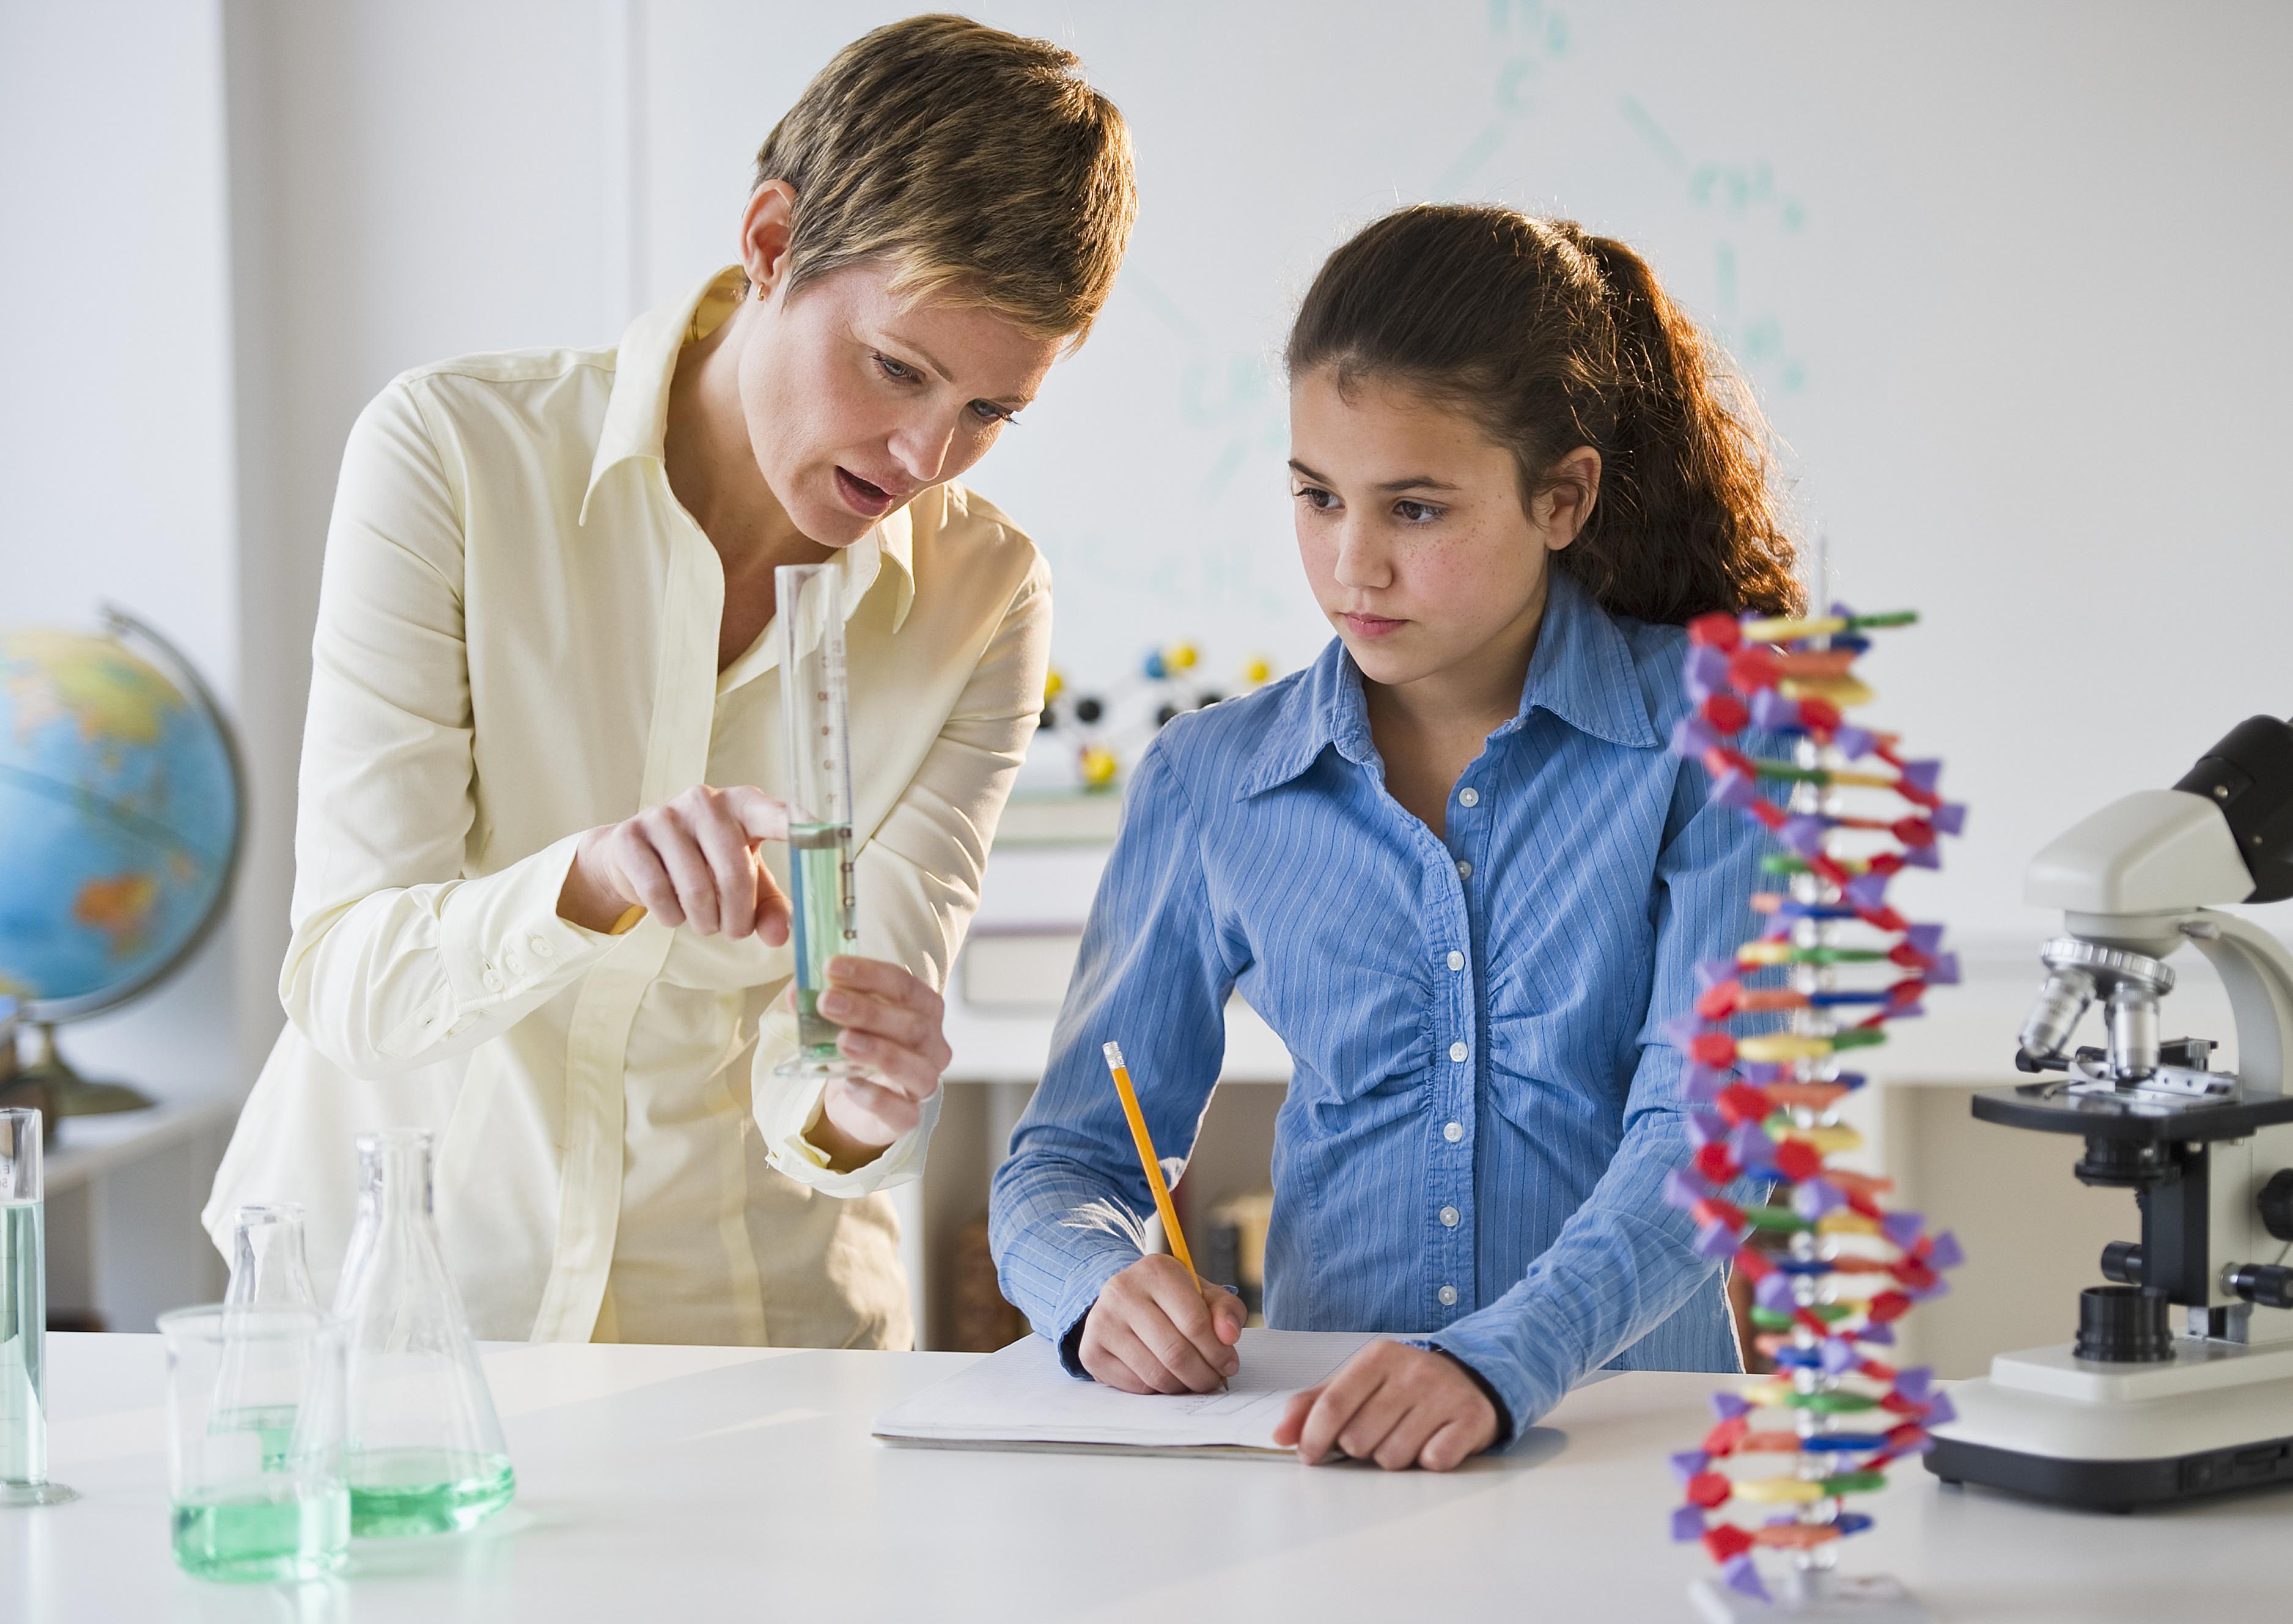 Viele Studenten mit Chemie-Abschluss unterrichten an einem College, einer High School oder einer Grundschule.